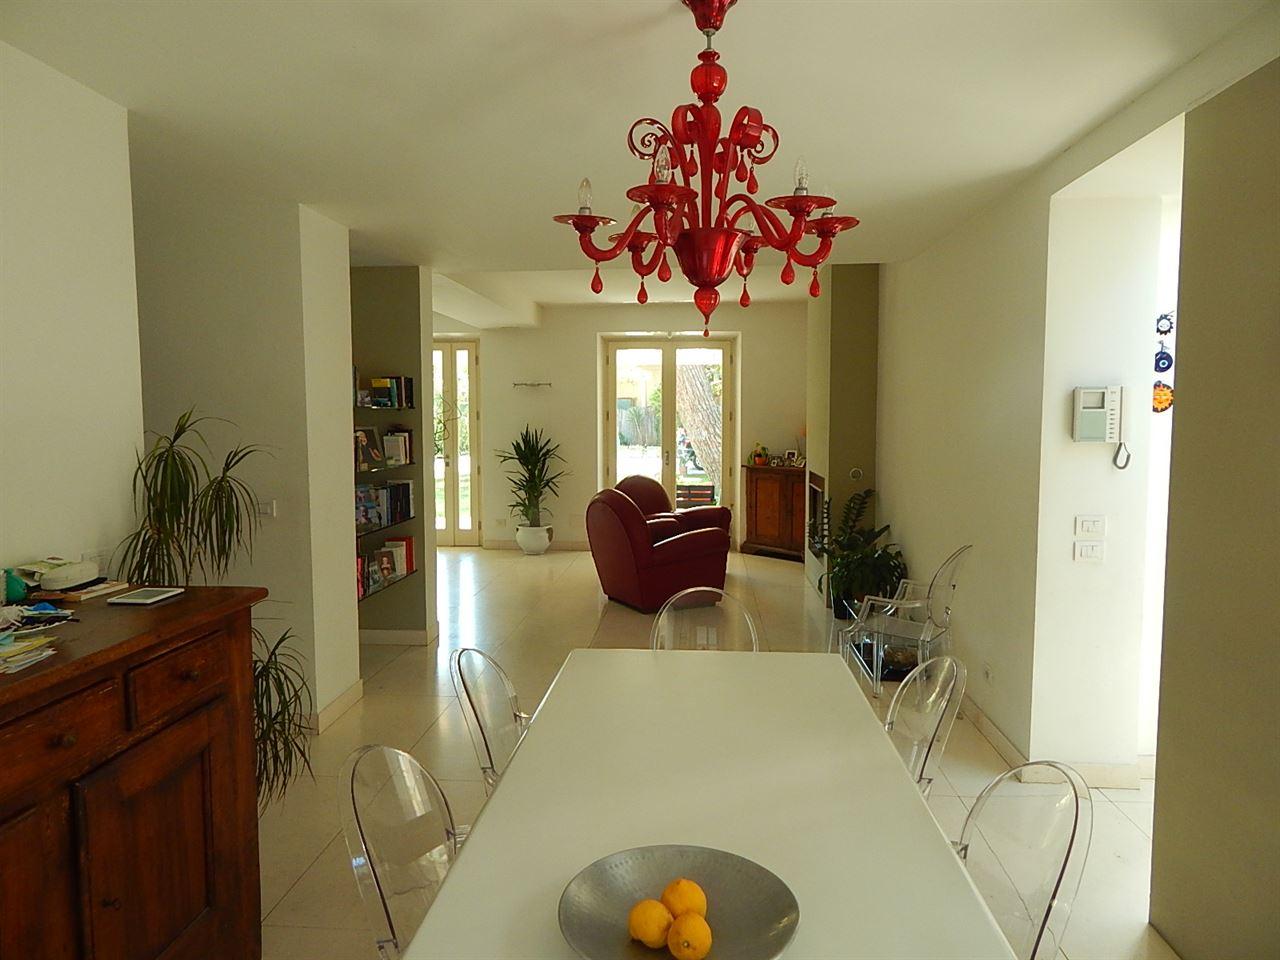 Vendita immobili case al mare prestigiosa villa for Ville lussuose interni